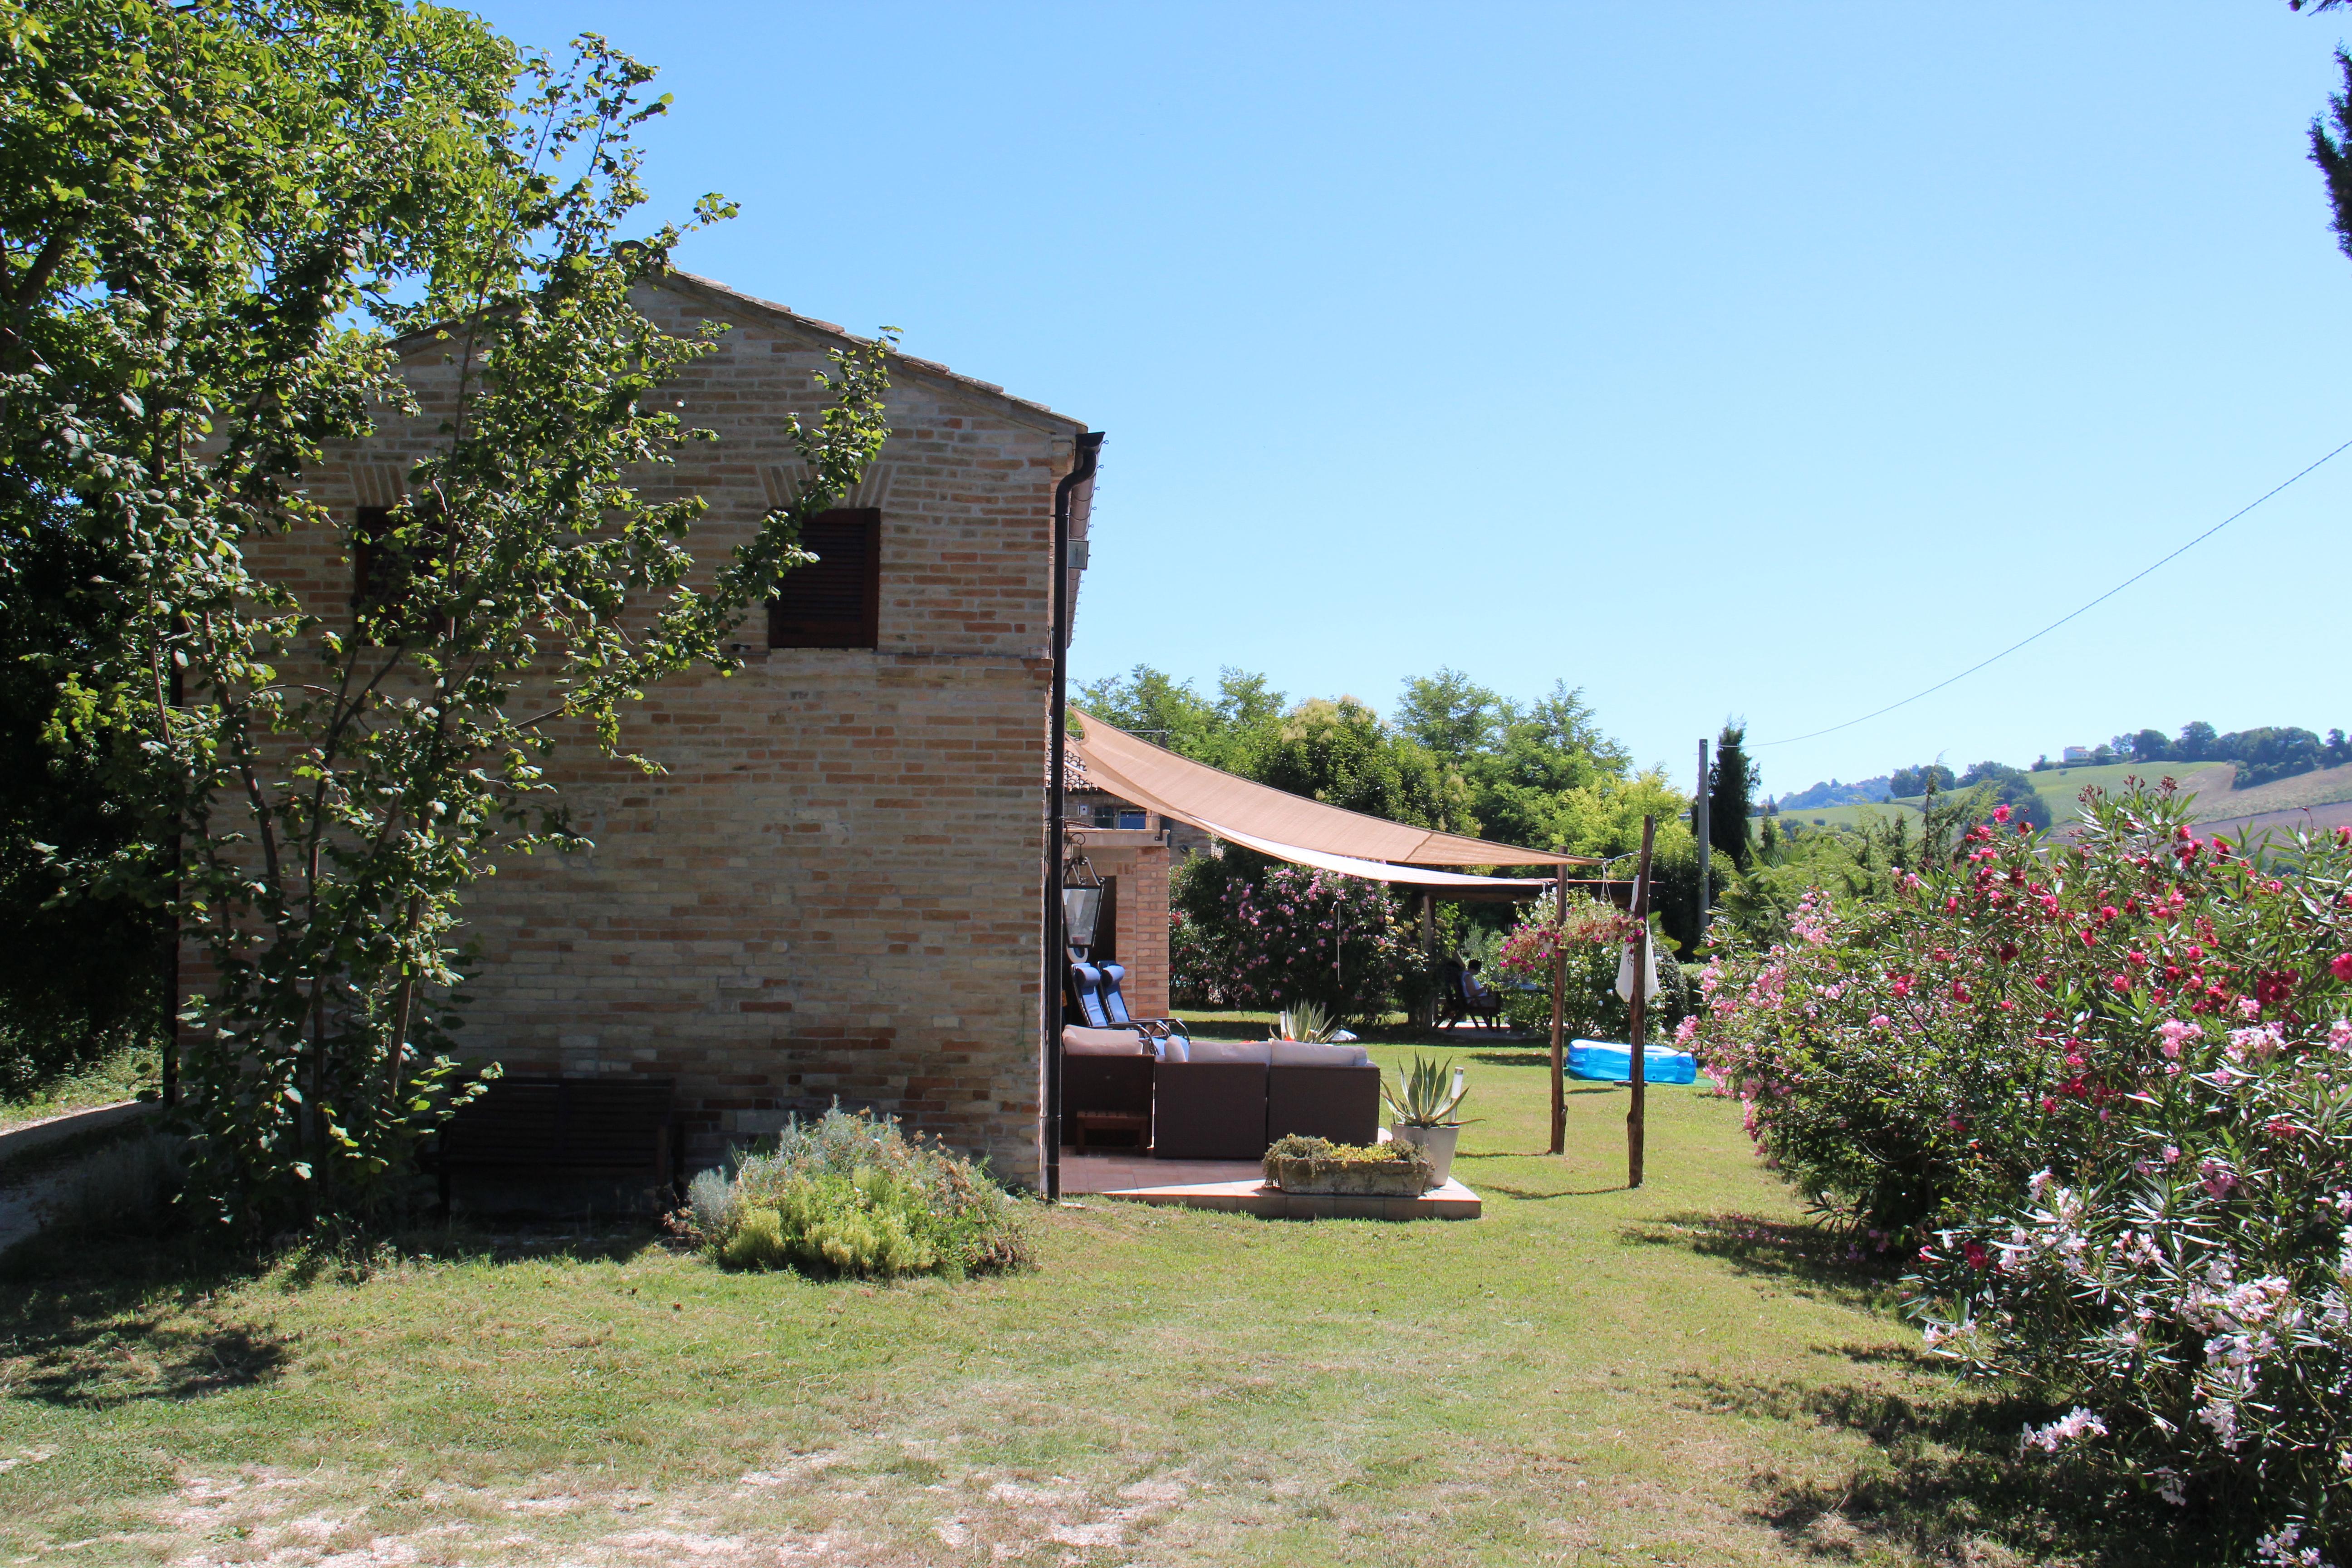 Woning en tuin | Vakantiewoning Casa Cipresse